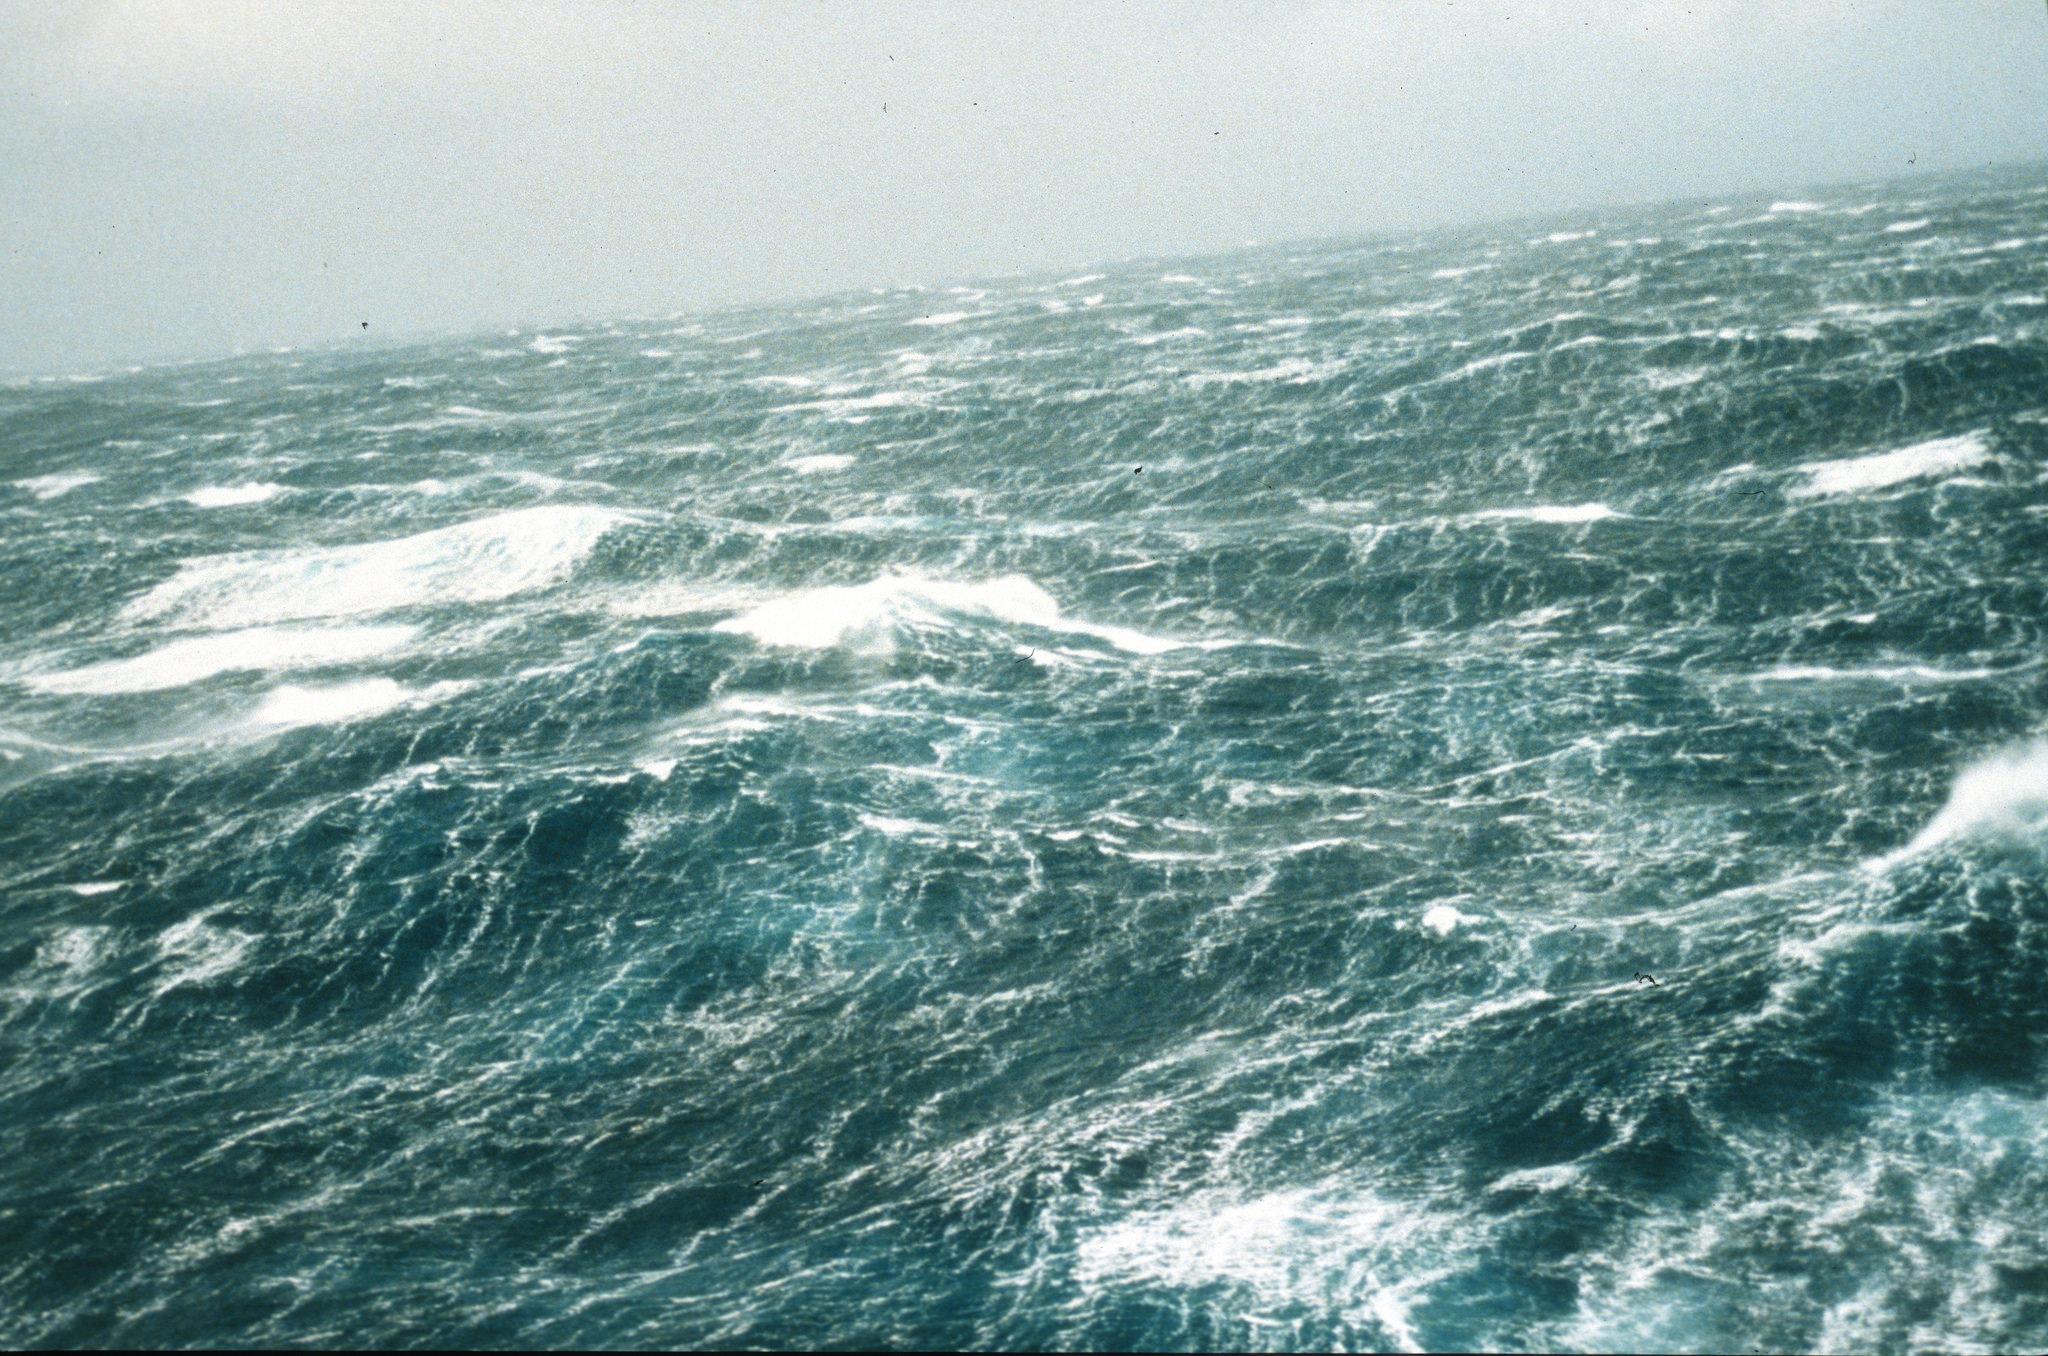 vice.com - Caroline Haskins - Climate Change Is Making Waves Stronger